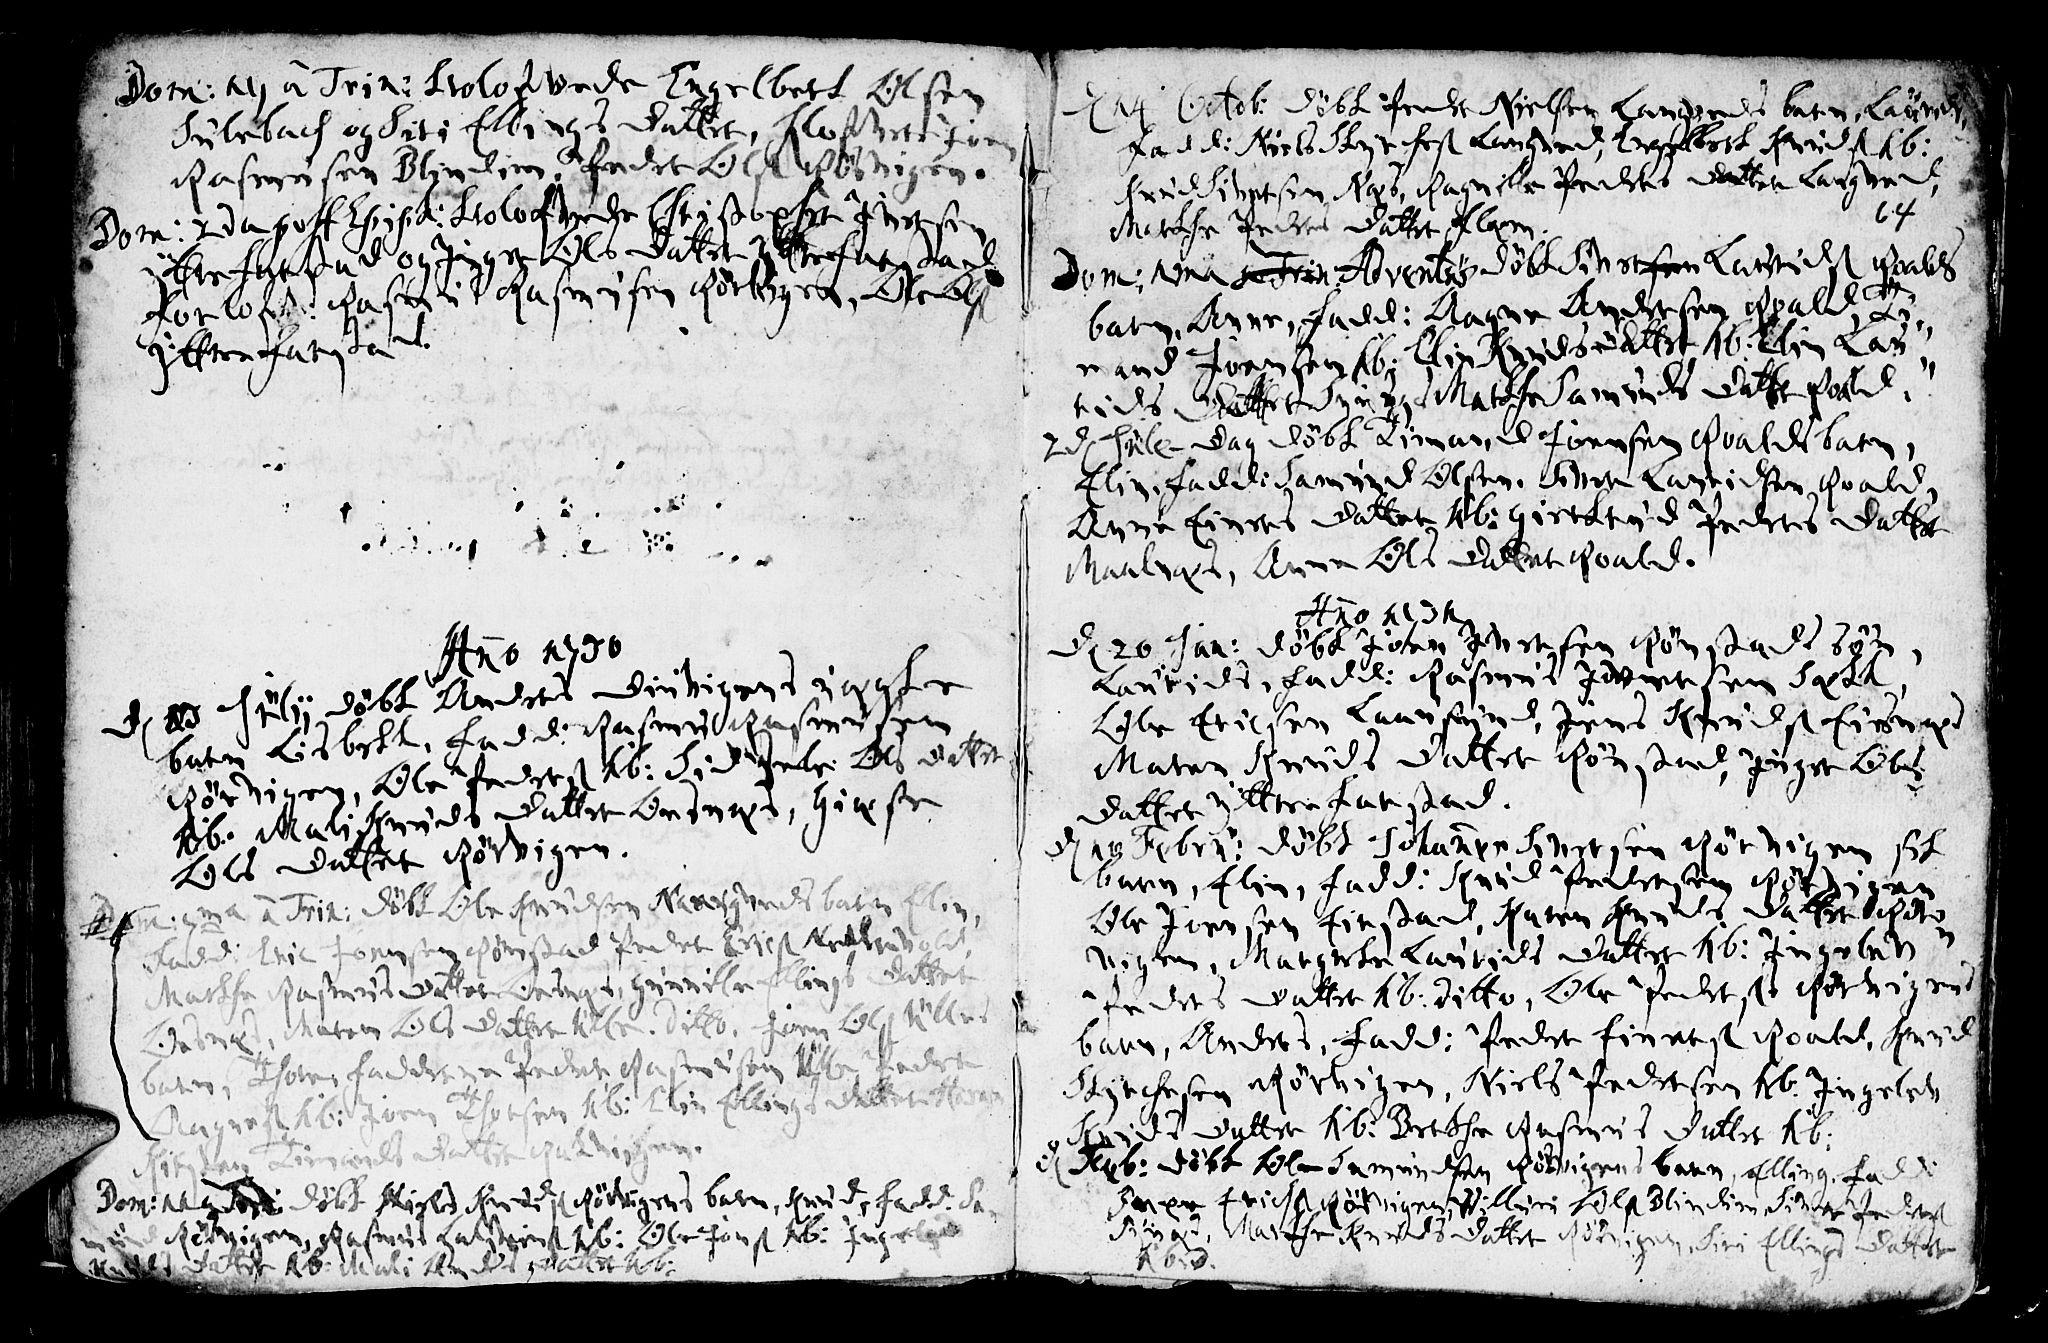 SAT, Ministerialprotokoller, klokkerbøker og fødselsregistre - Møre og Romsdal, 536/L0491: Ministerialbok nr. 536A01 /1, 1689-1737, s. 64